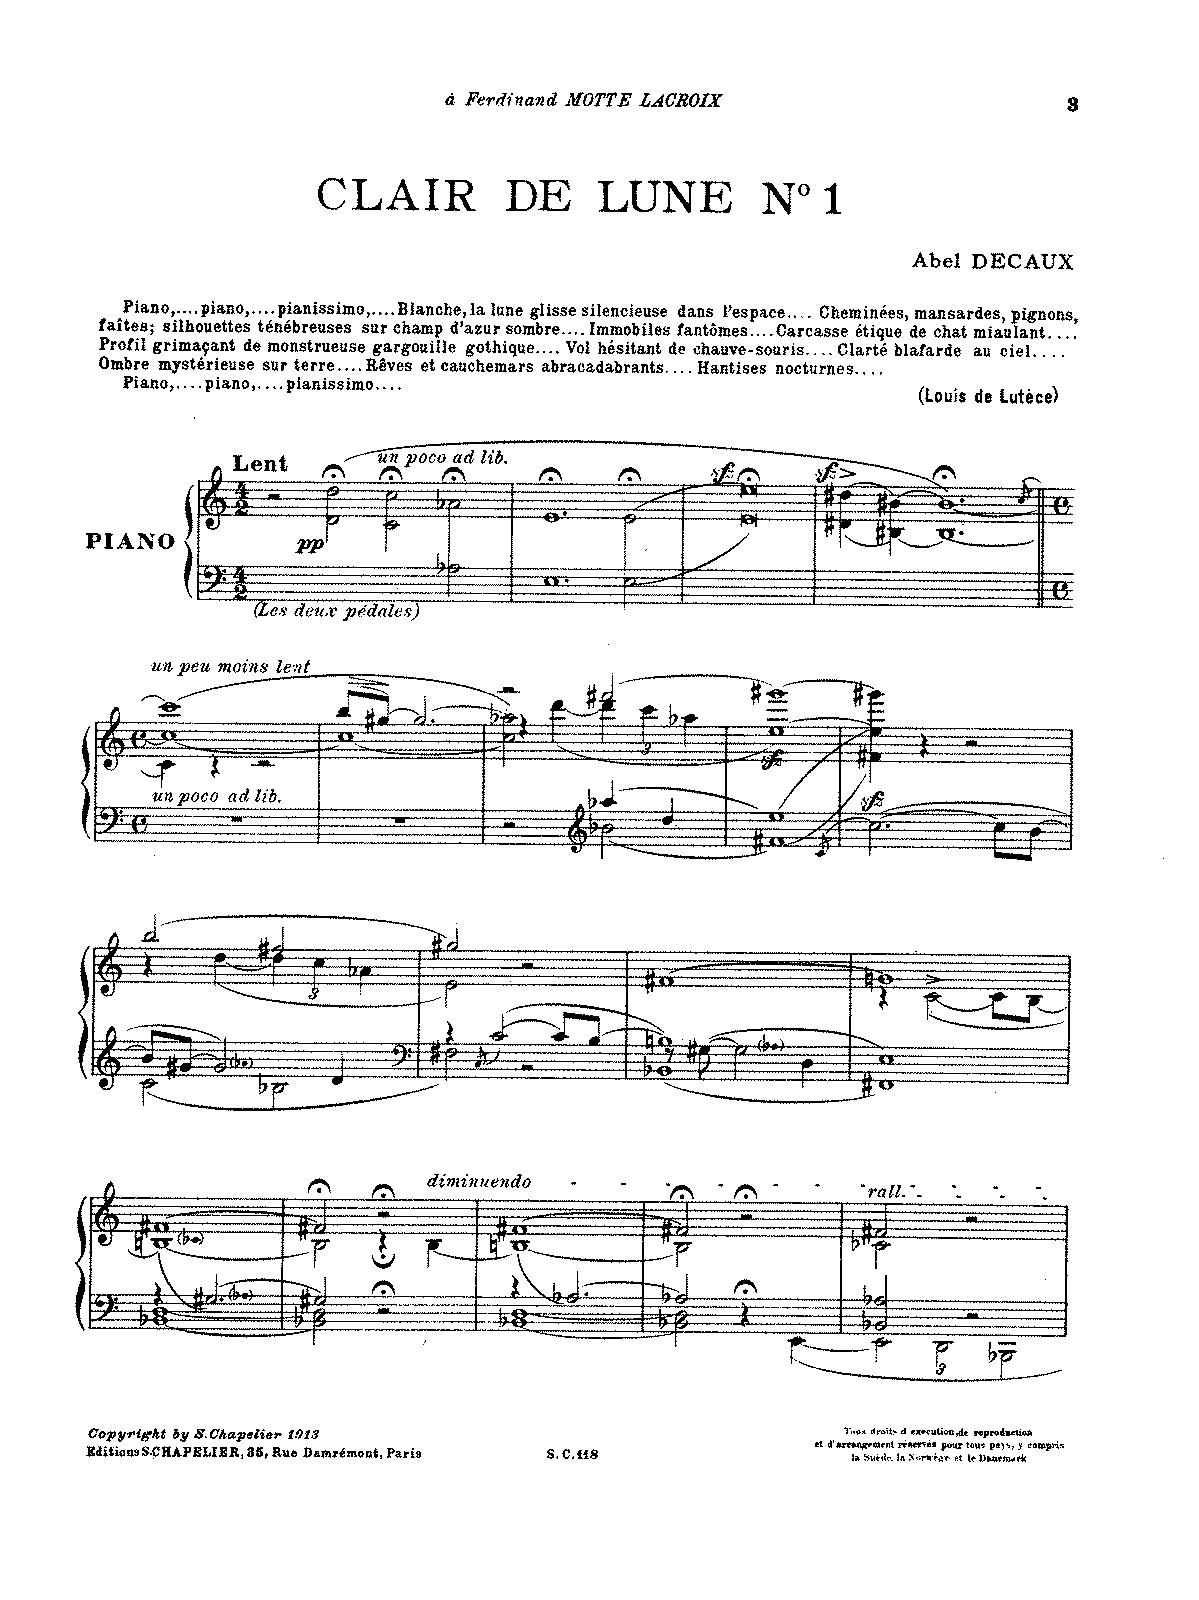 Clair de lune n. 1